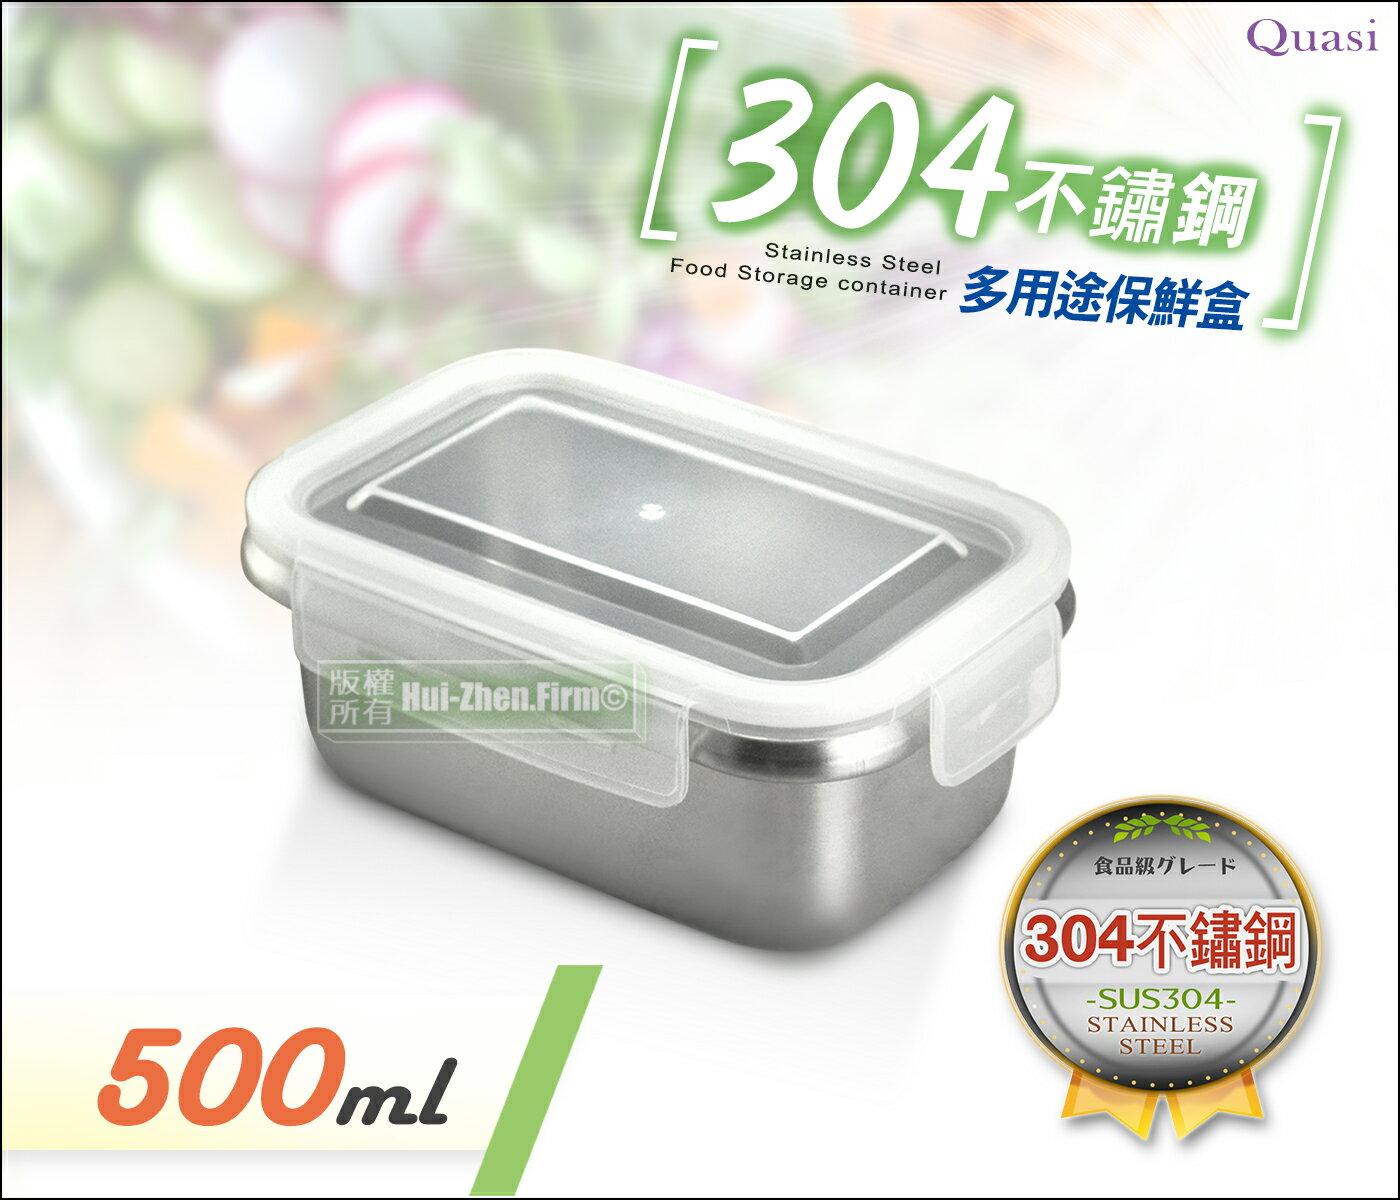 快樂屋♪ Quasi 2819 司扣爾304不鏽鋼保鮮盒 500ml【密封防漏】可當蒸盤.烤盤.便當盒.環保餐盒